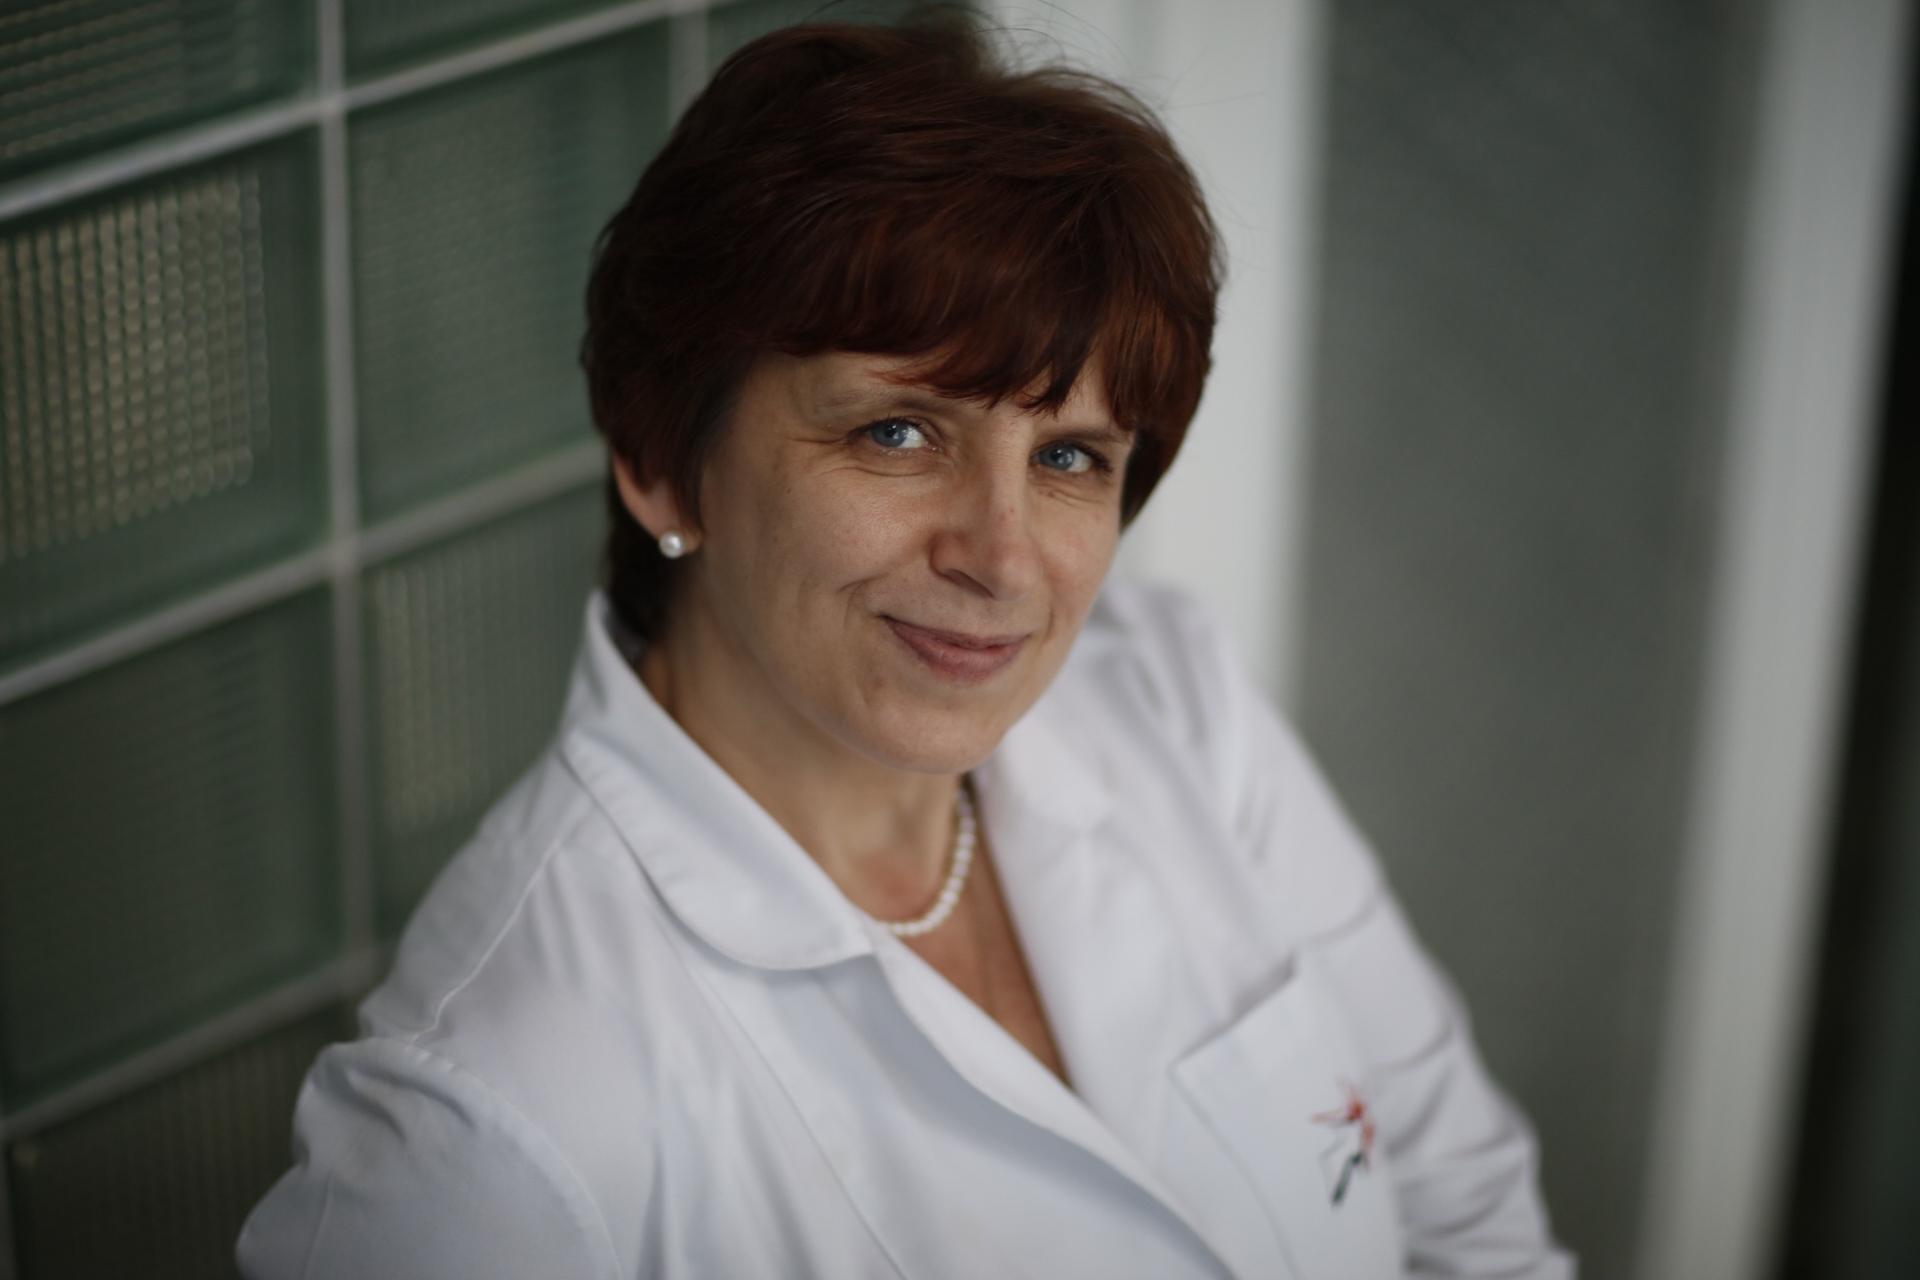 Ludmilla Marenych, Ärztin auf der Leukämistation in Kharkov